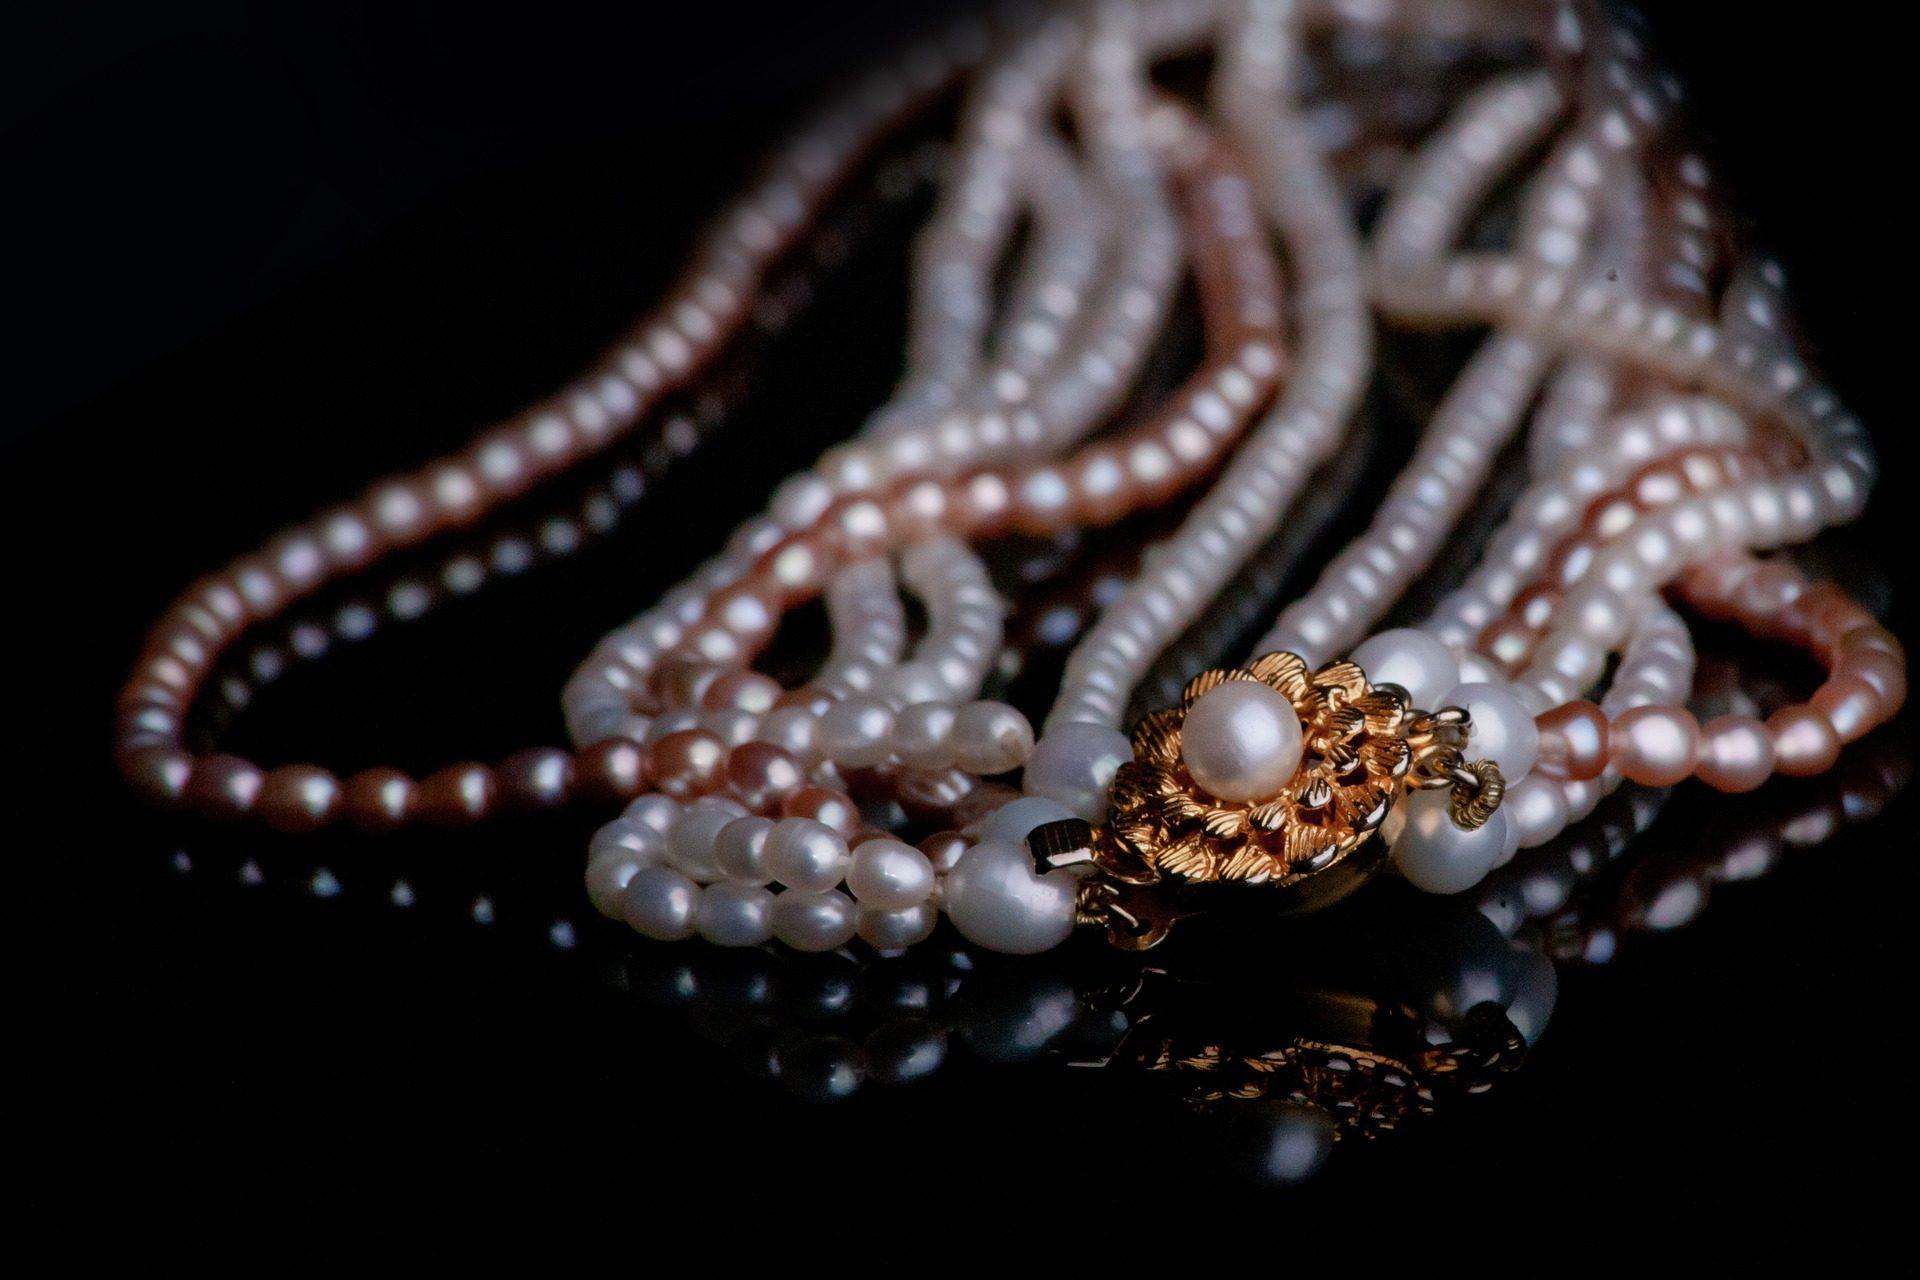 项链, 珍珠, 珠宝首饰, 蓬莱, 黄金 - 高清壁纸 - 教授-falken.com